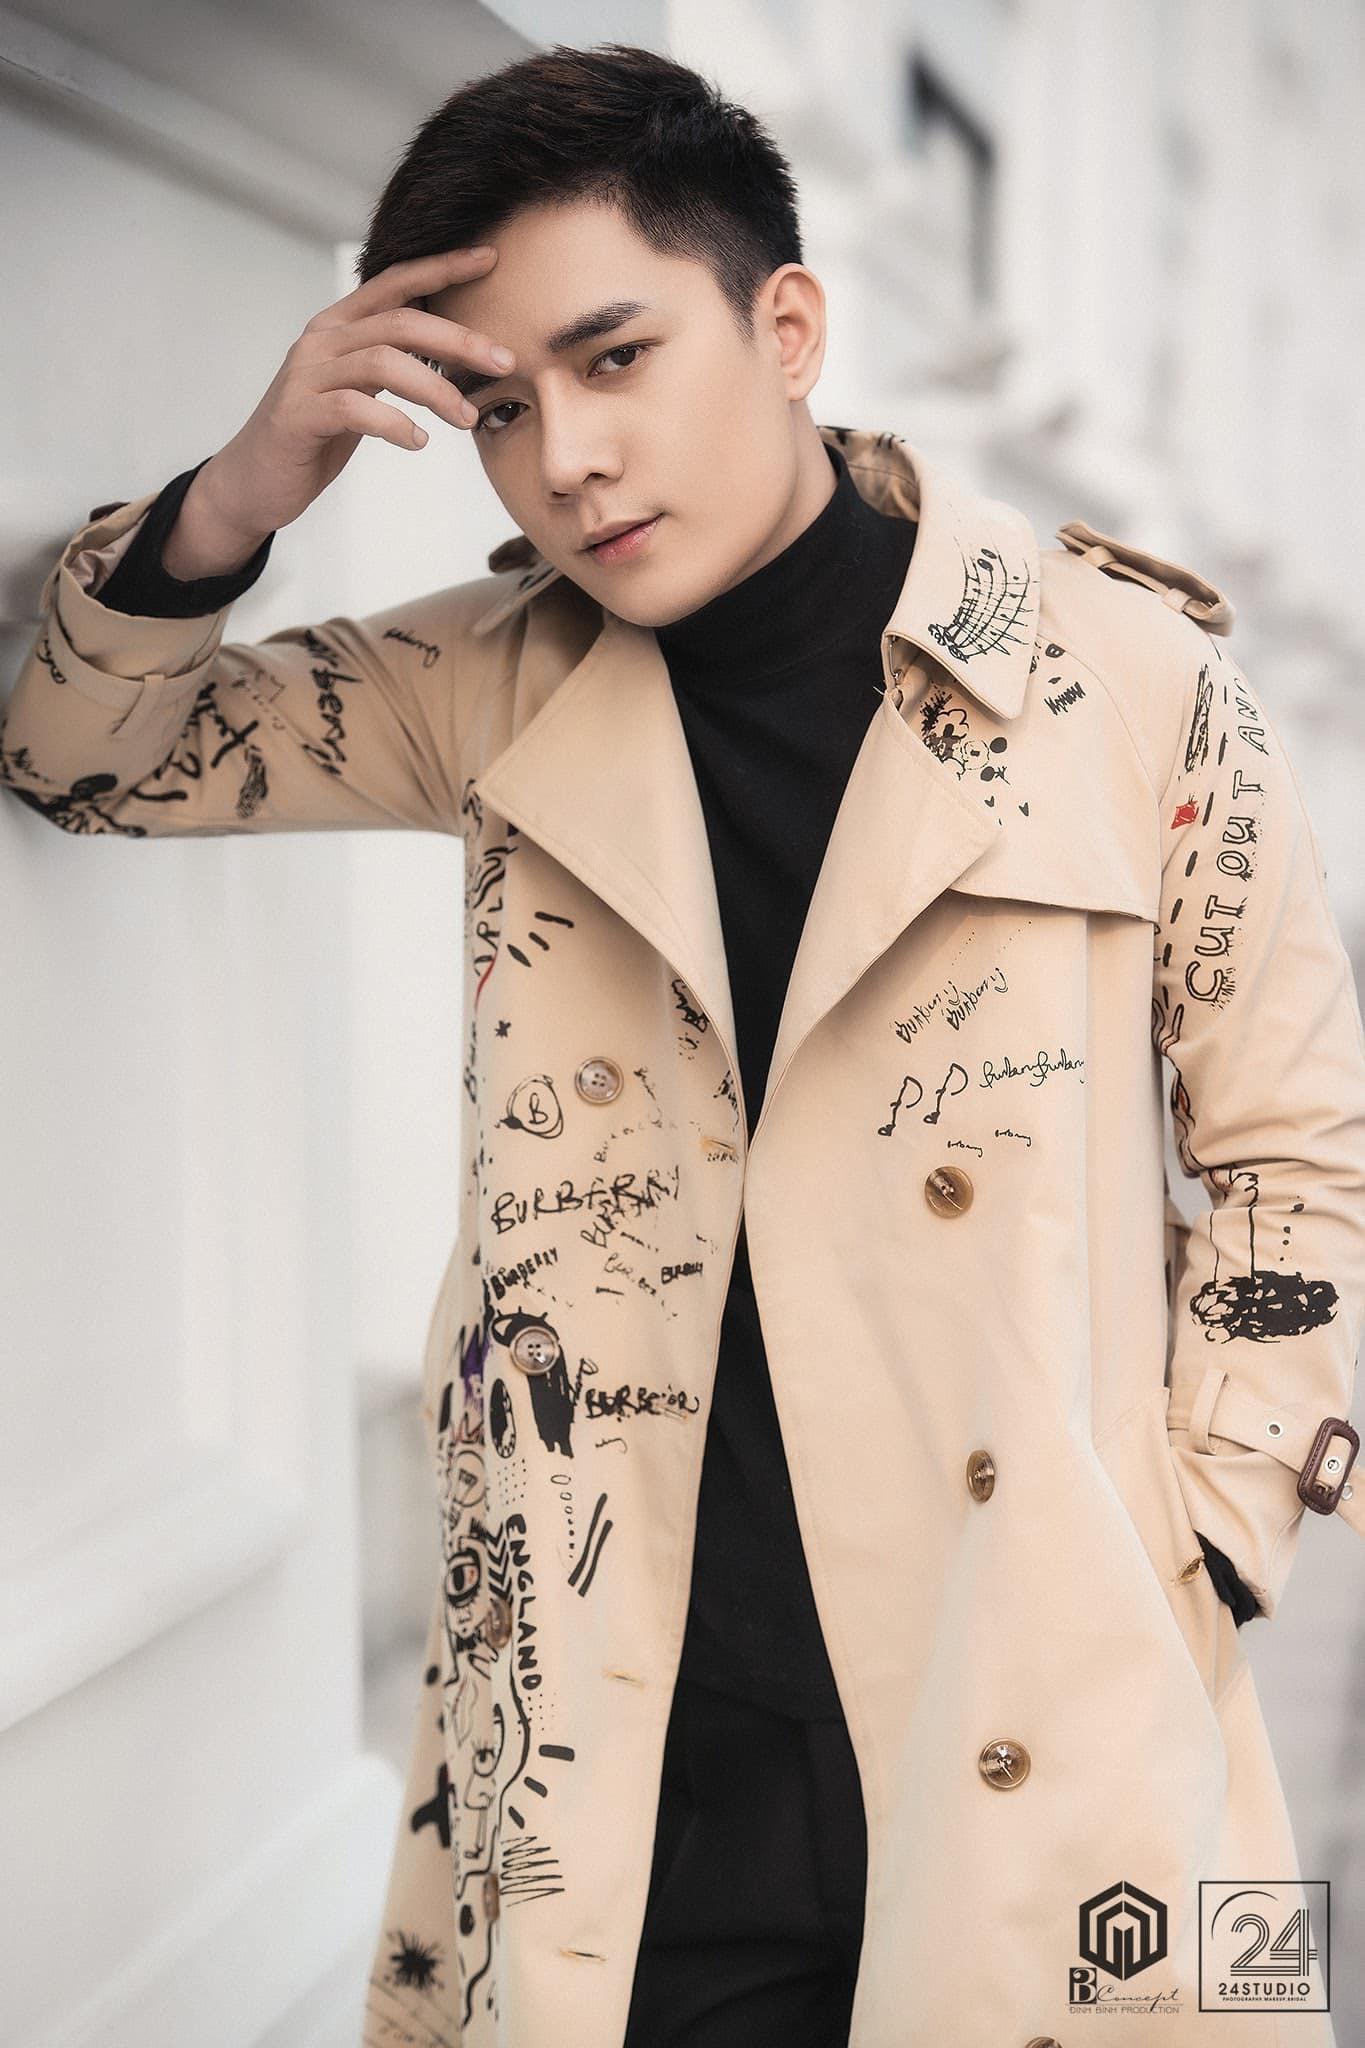 Ca sĩ Nhật Phong ra mắt MV 'Anh từng cố gắng'